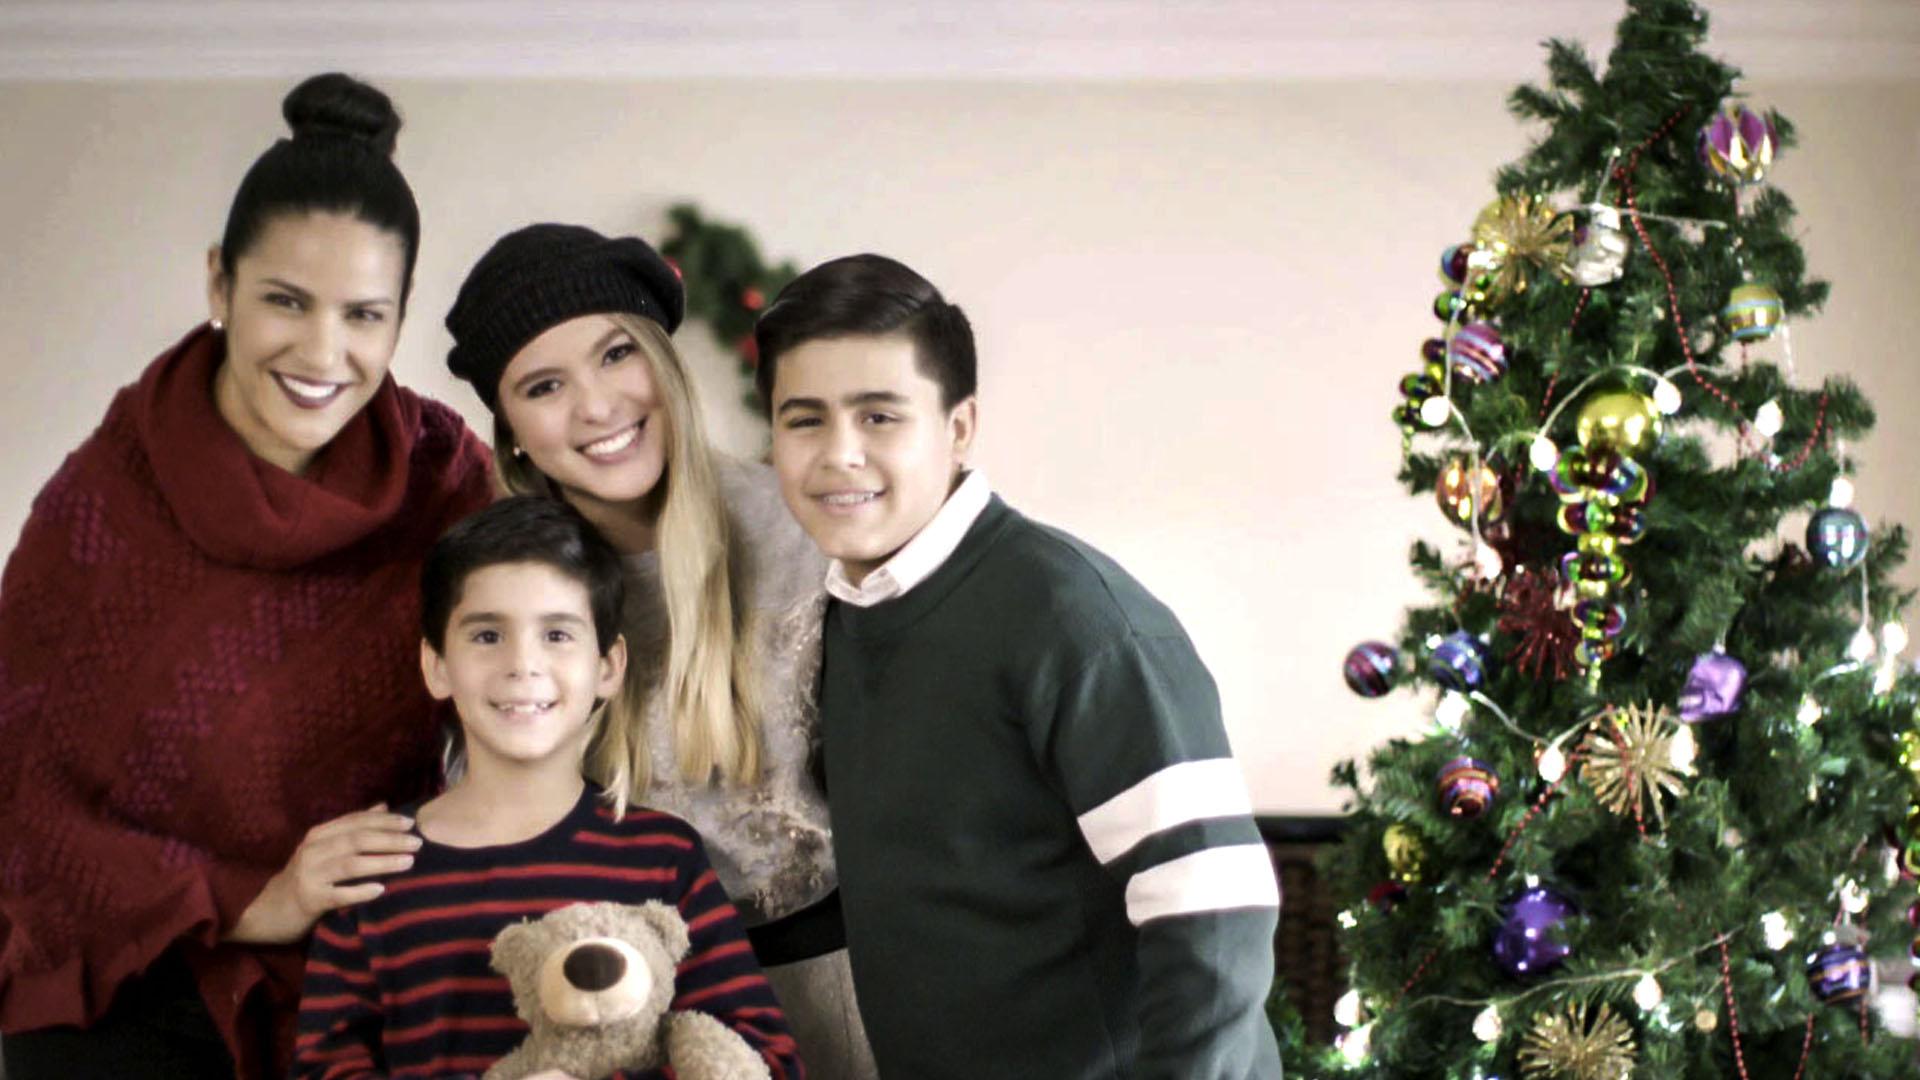 Milagros de navidad - milagros de navidad - qwe.wiki